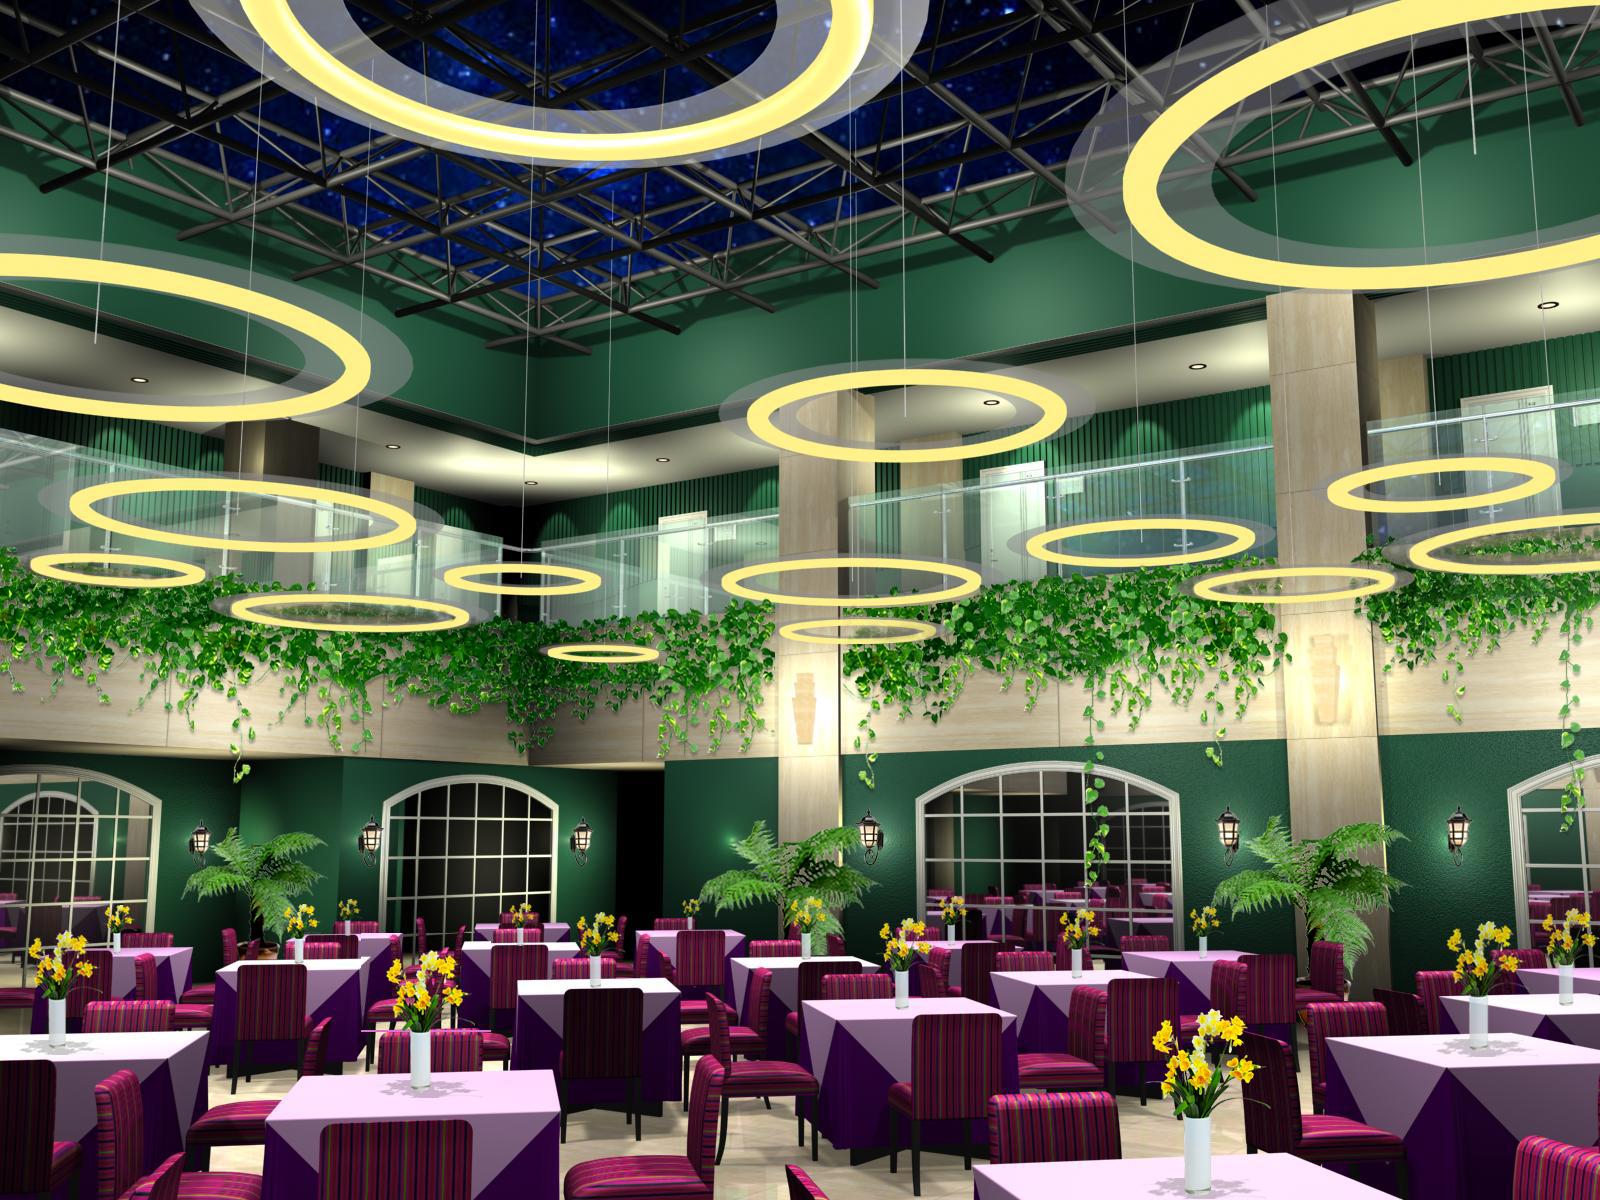 餐厅设计;; 北京语言大学特色点餐厅方案,,学校餐厅装修|食堂装修